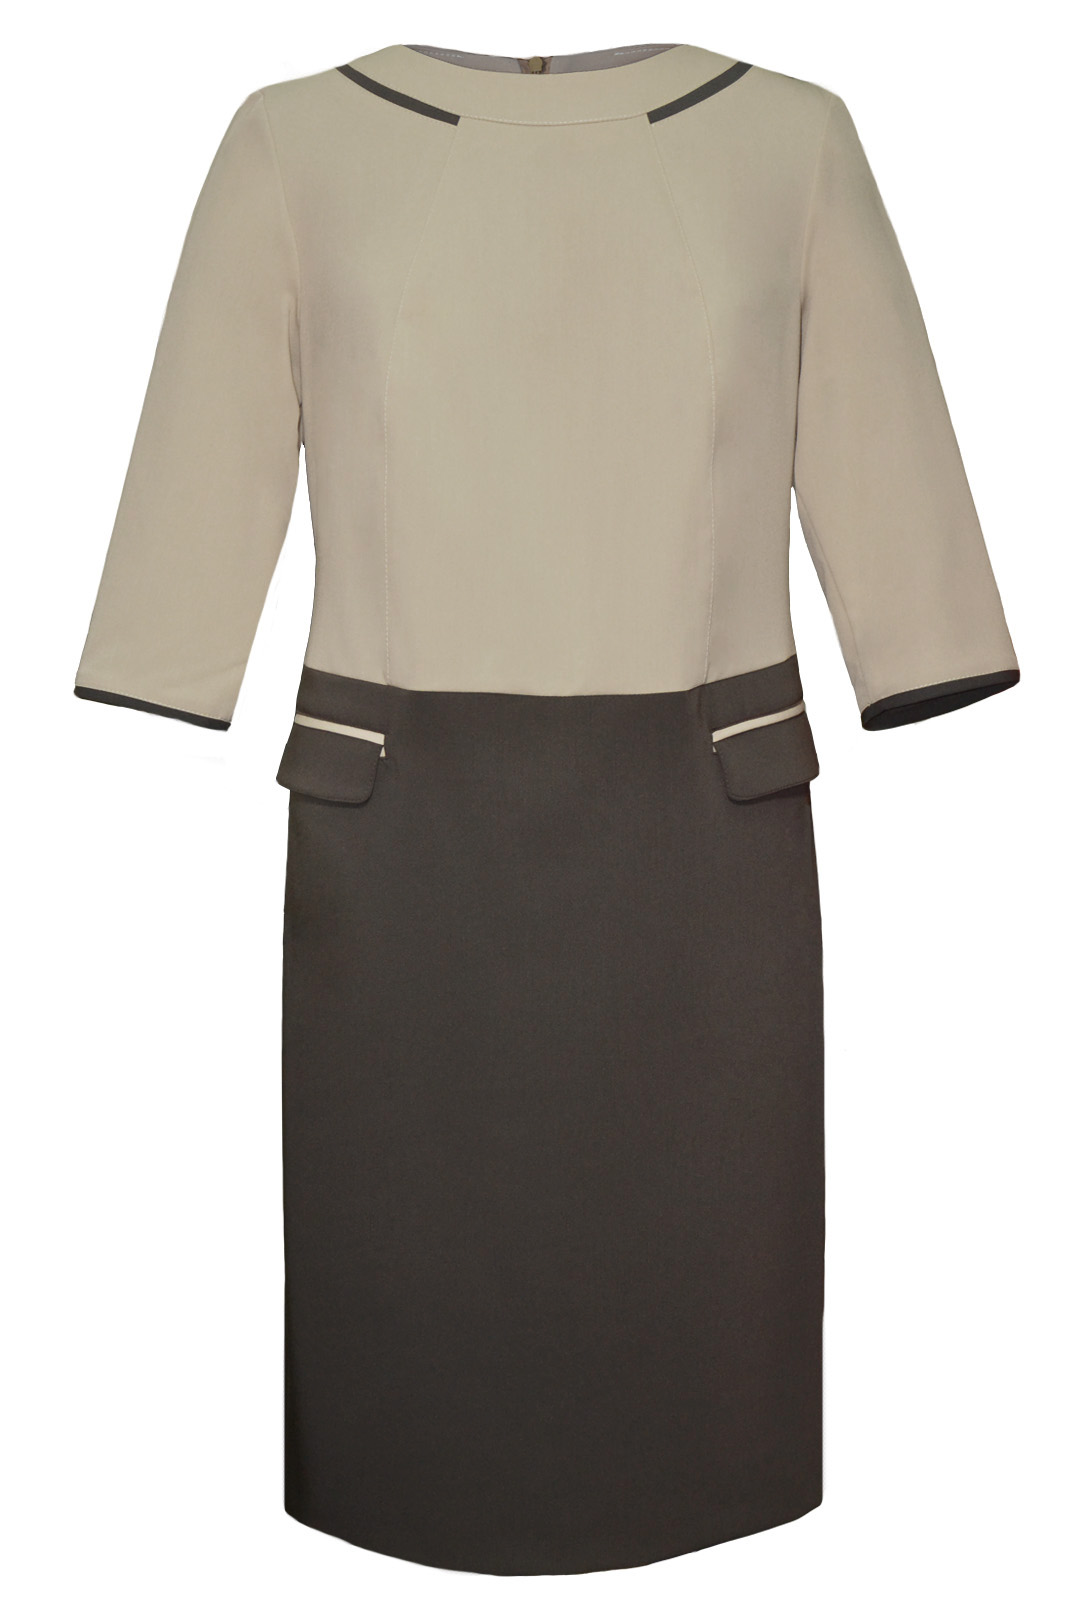 Праздничные юбки для последного звонка в бишкеке